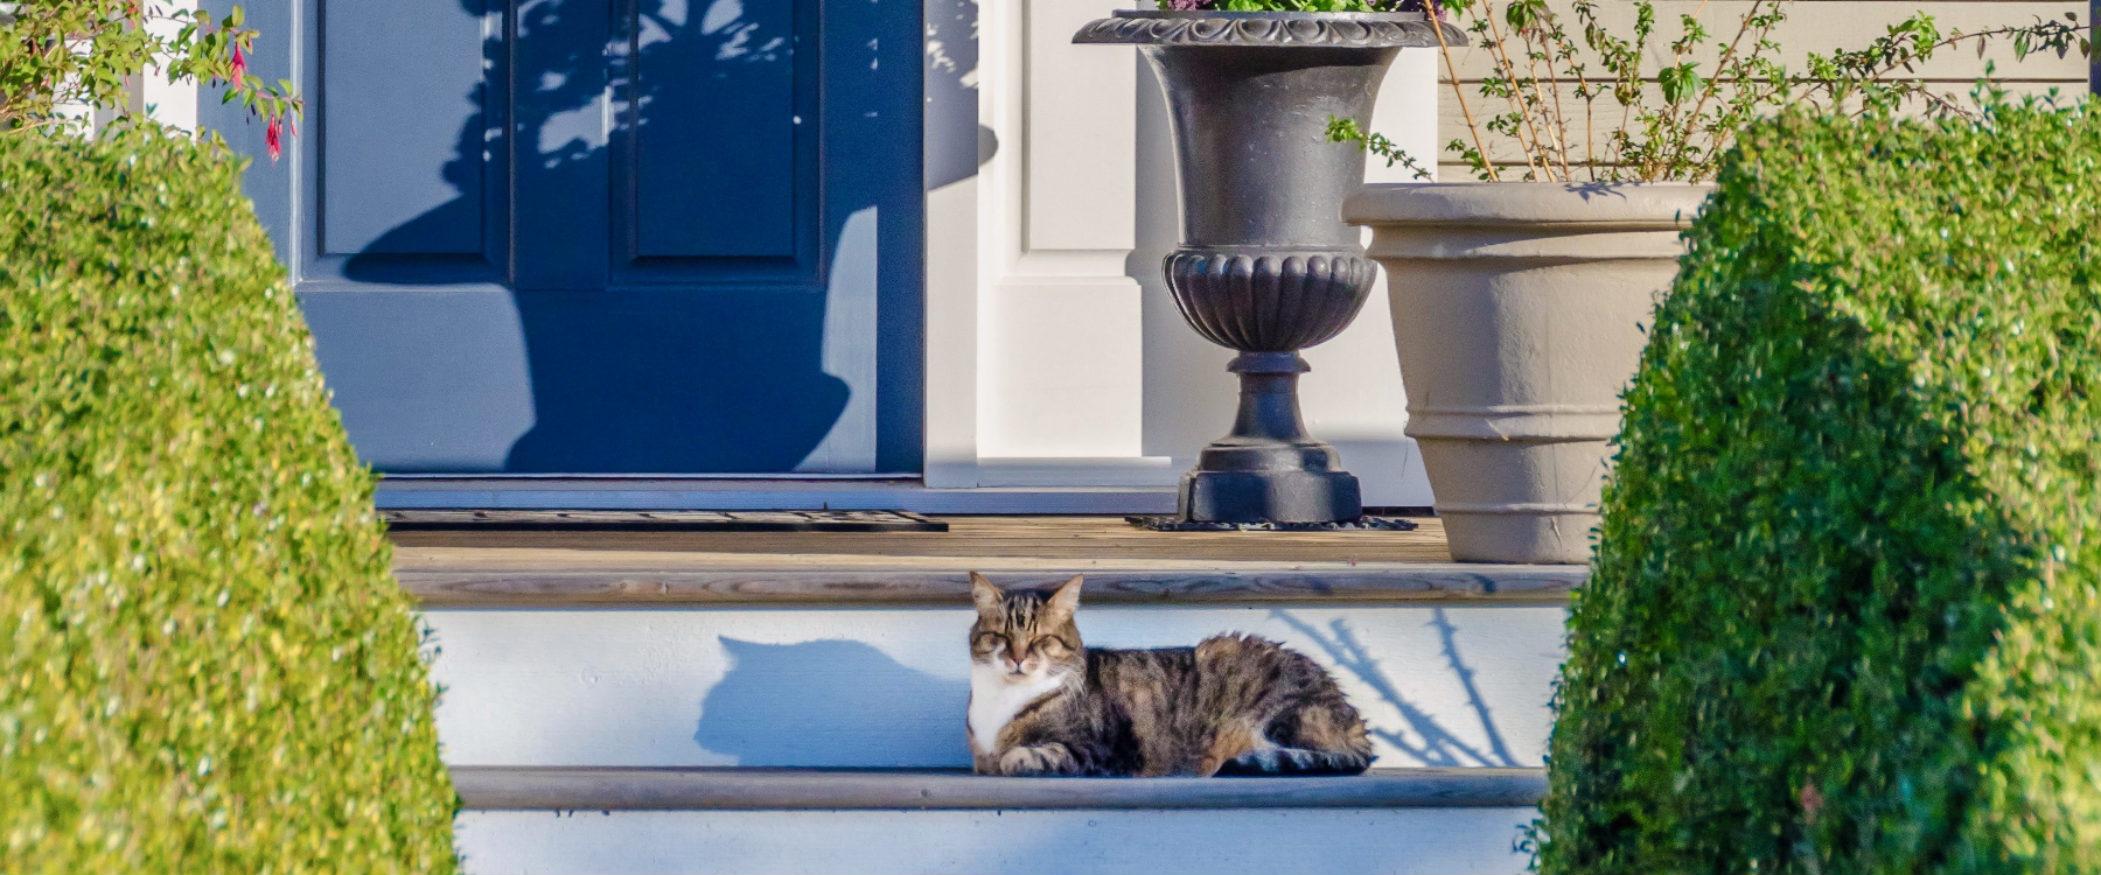 Blue front door cat on steps